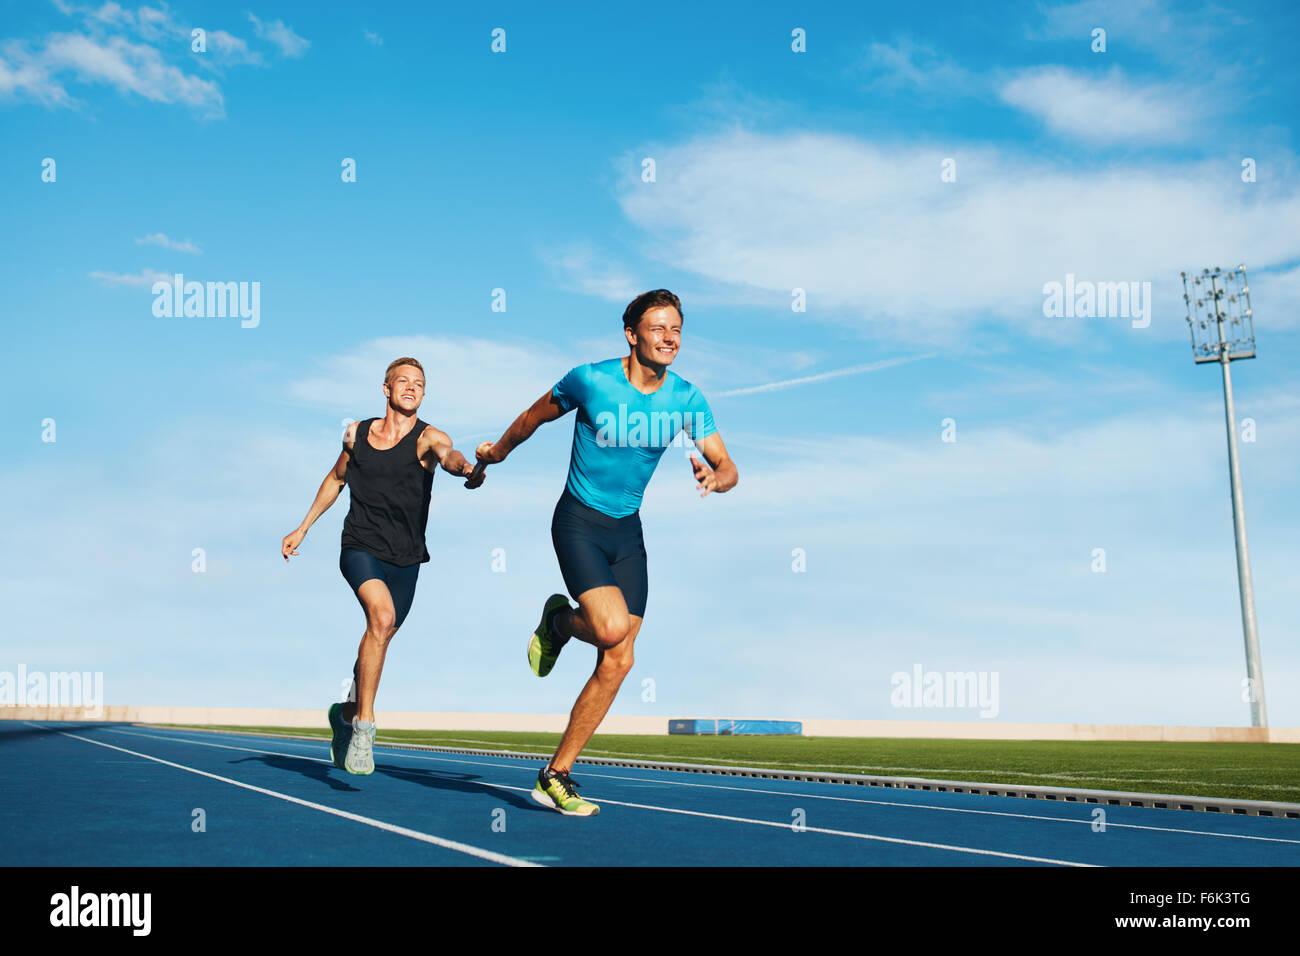 Filmación profesional de los atletas masculinos de pasar el relevo mientras se ejecuta en la pista. Los atletas Imagen De Stock